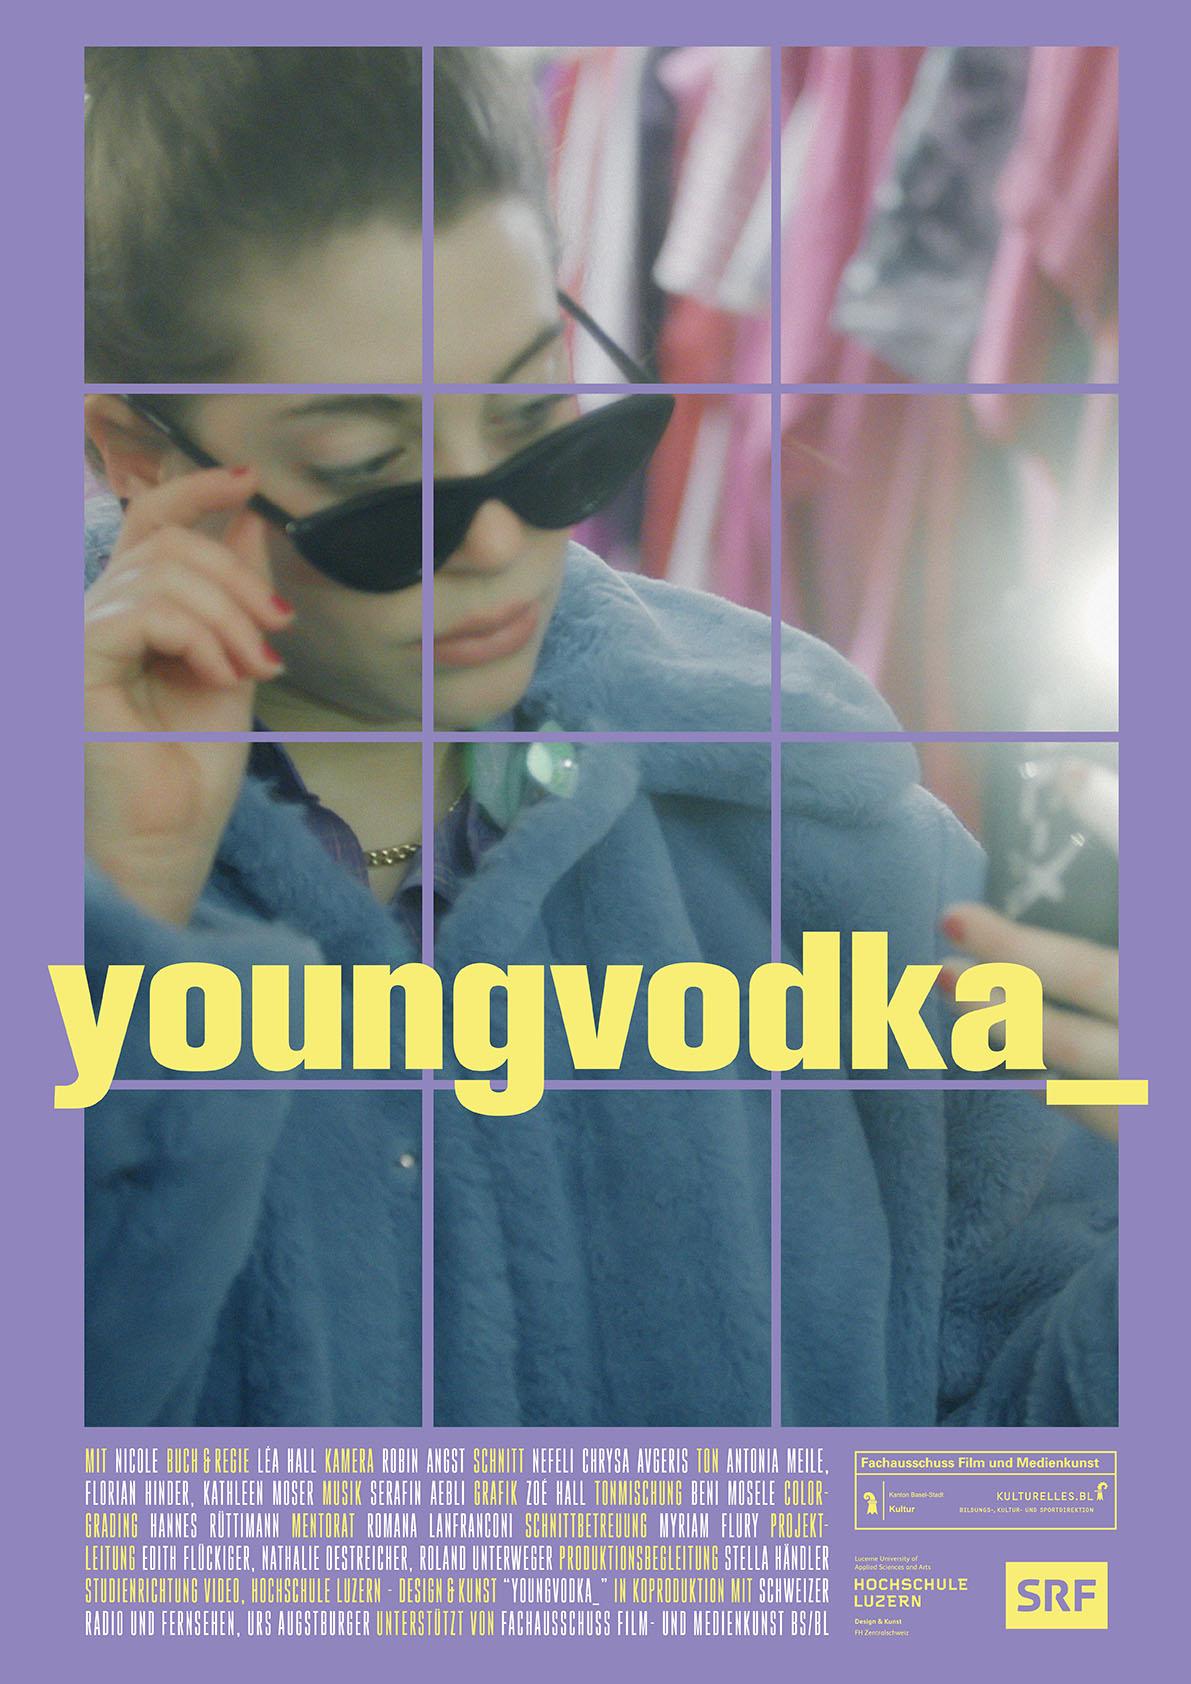 youngvodka_ - essay/doc., 15'35'', 2018